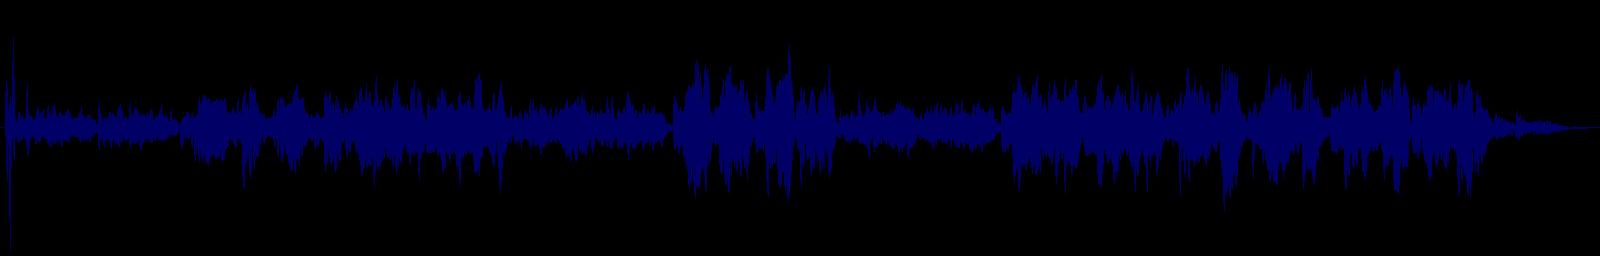 waveform of track #146405